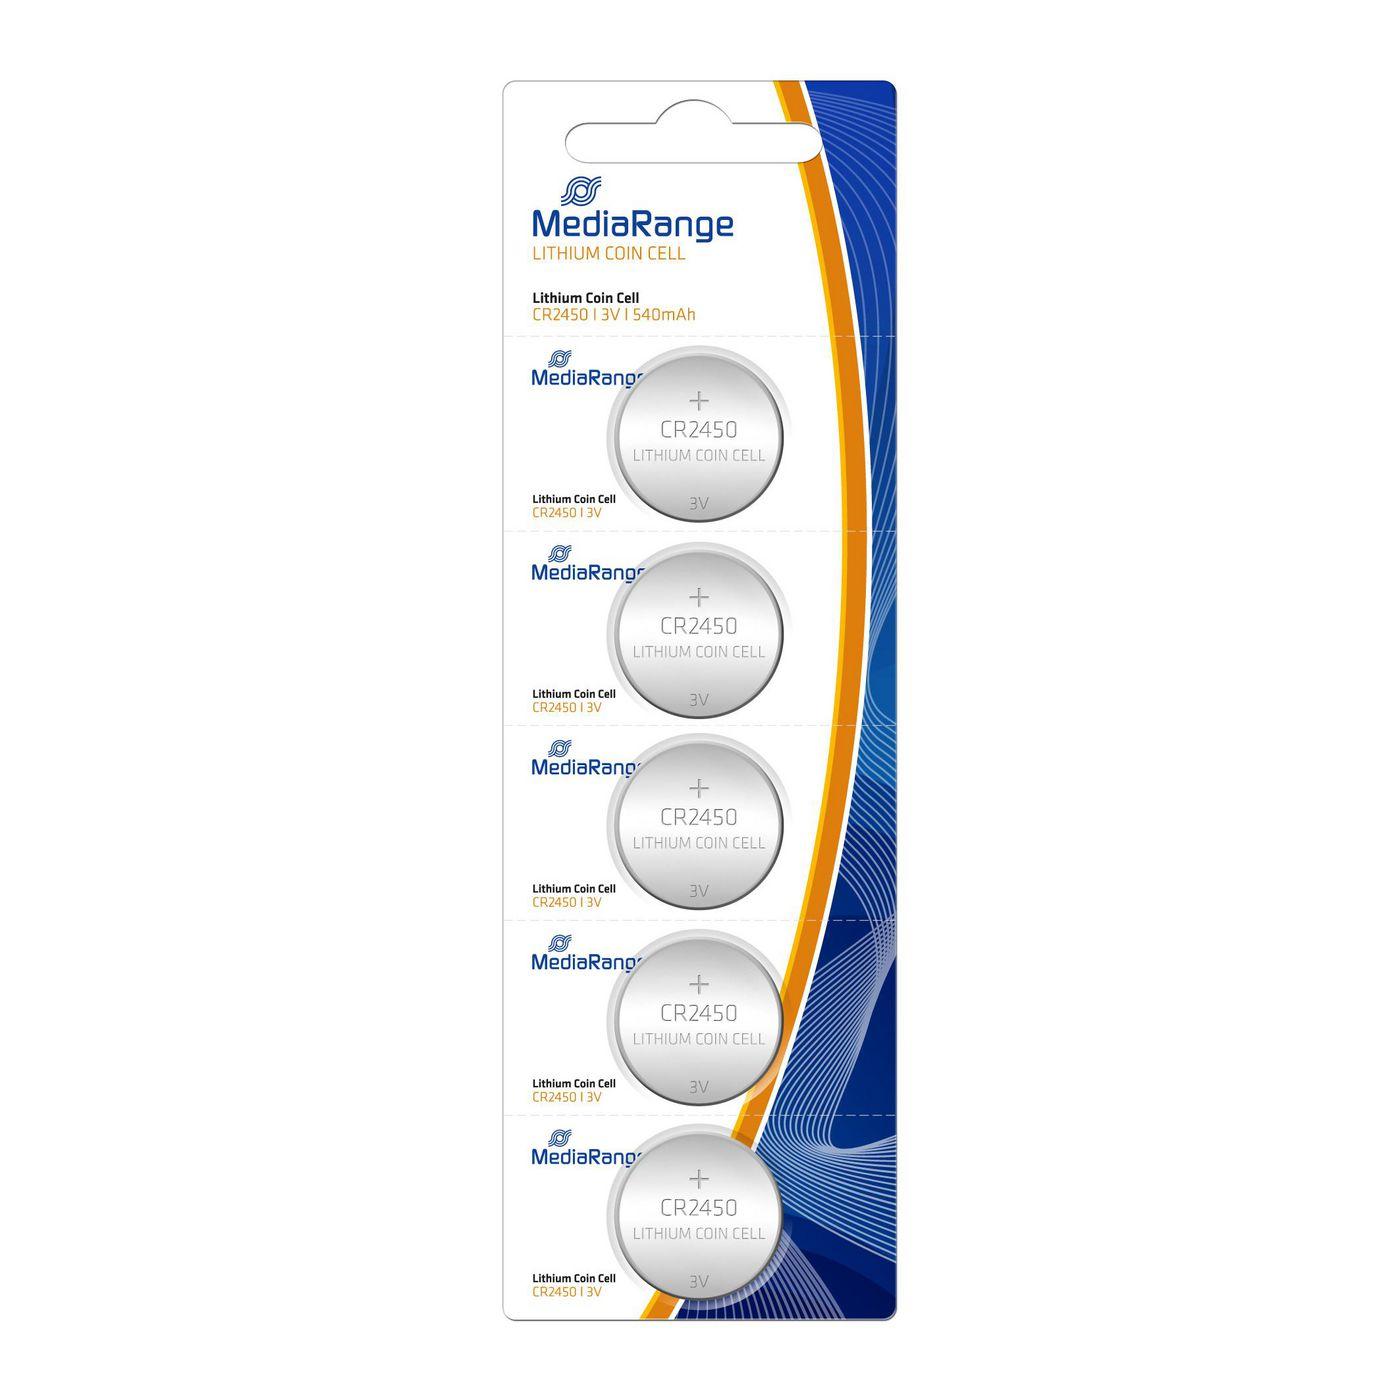 MediaRange MRBAT138 Batterie Coin Cell Blister